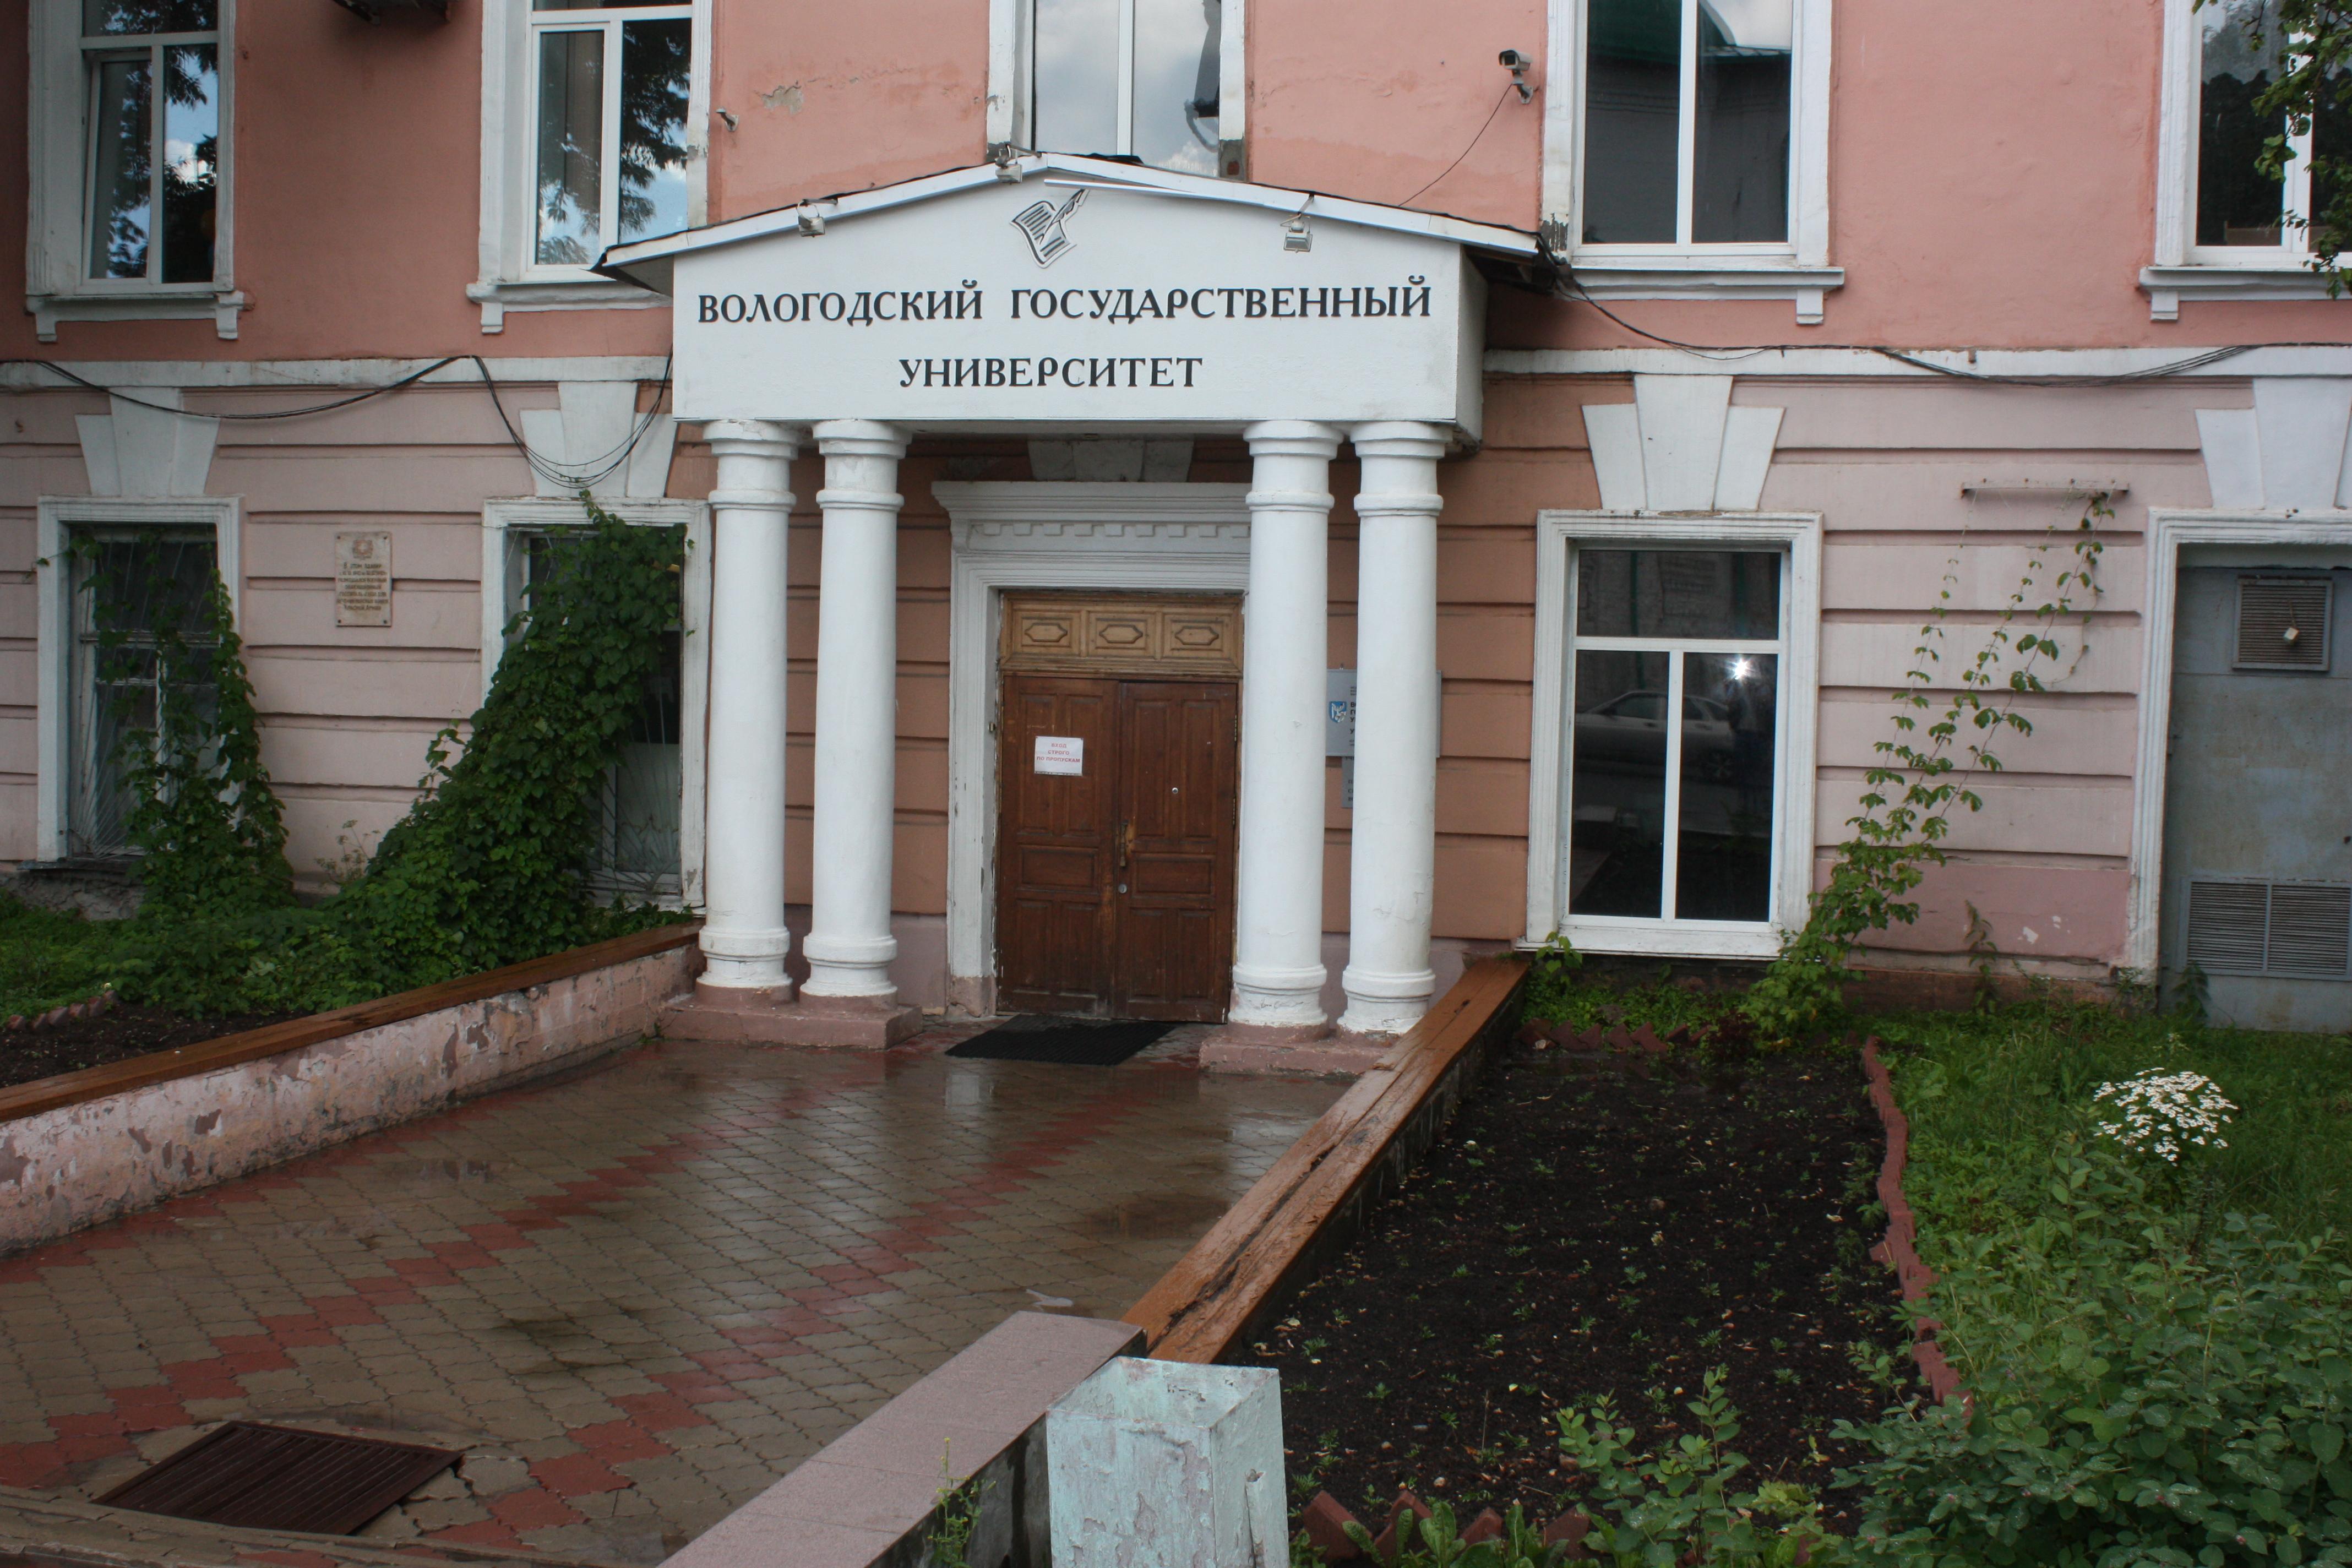 7 человек на место: в ВоГУ продолжается приемная кампания